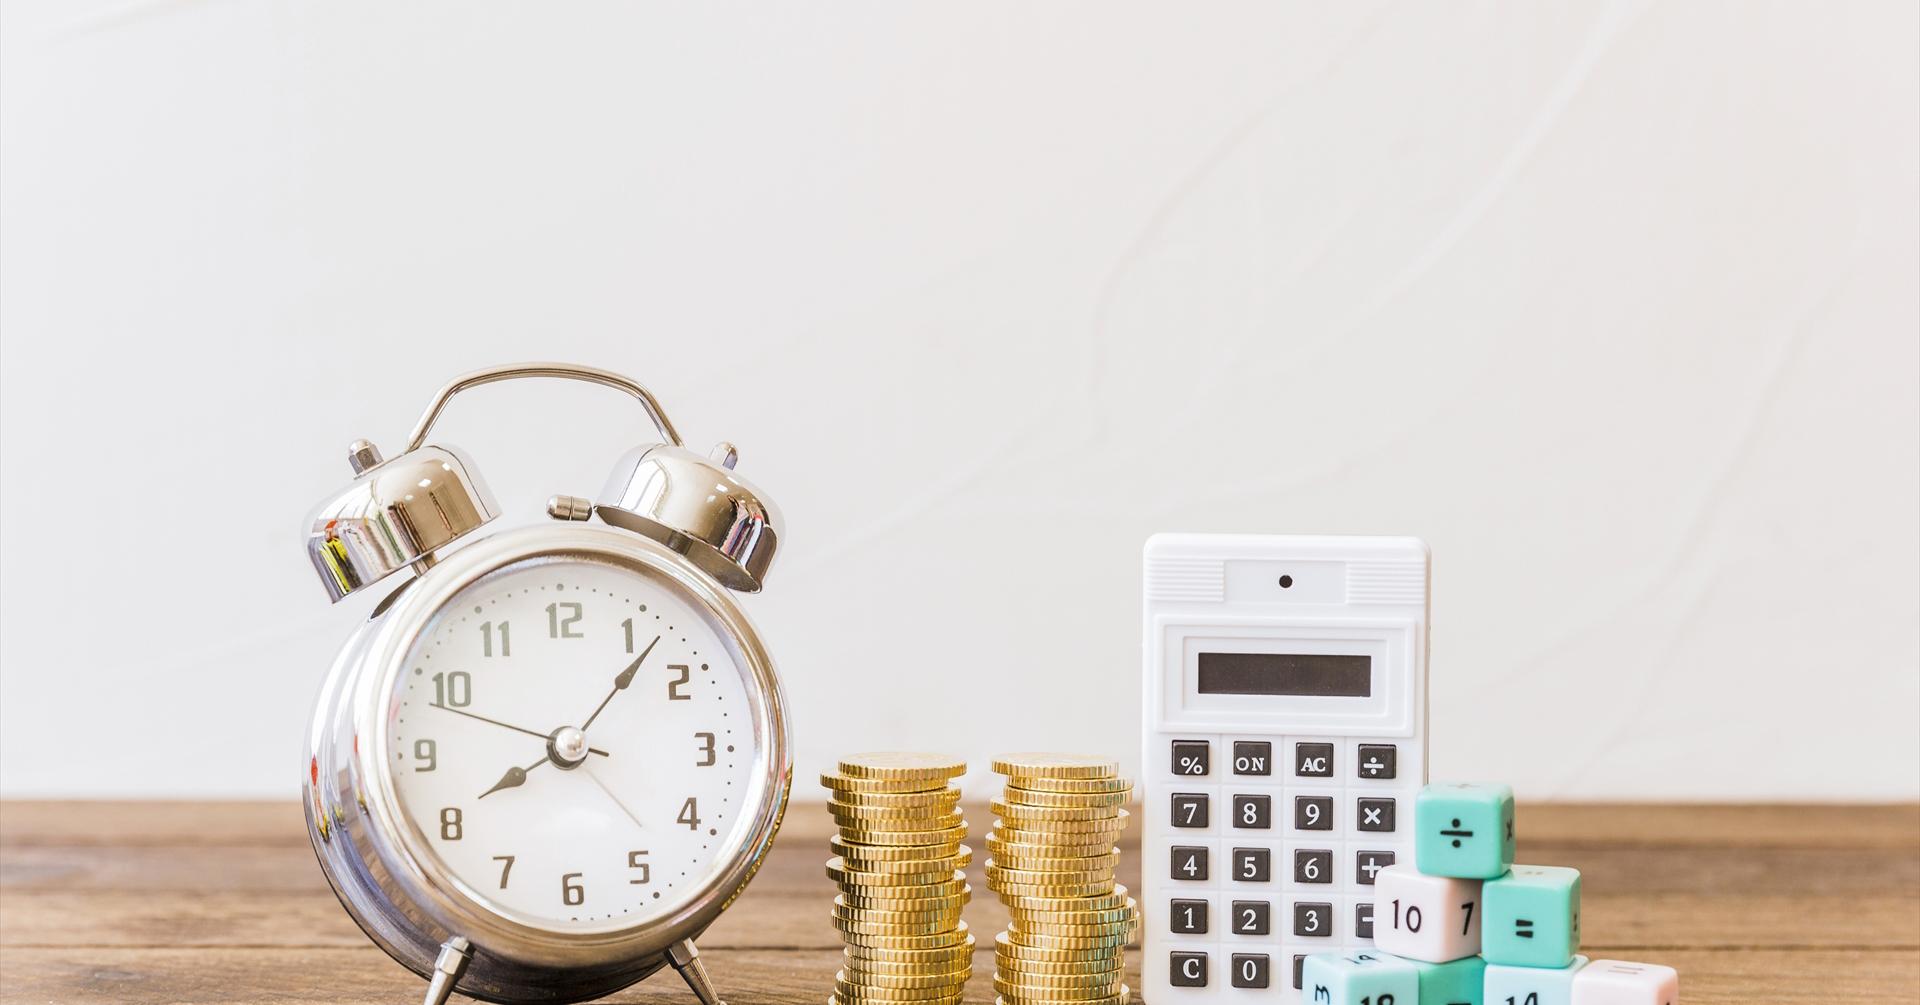 消費税、不動産取得税など家の税金をわかりやすく解説